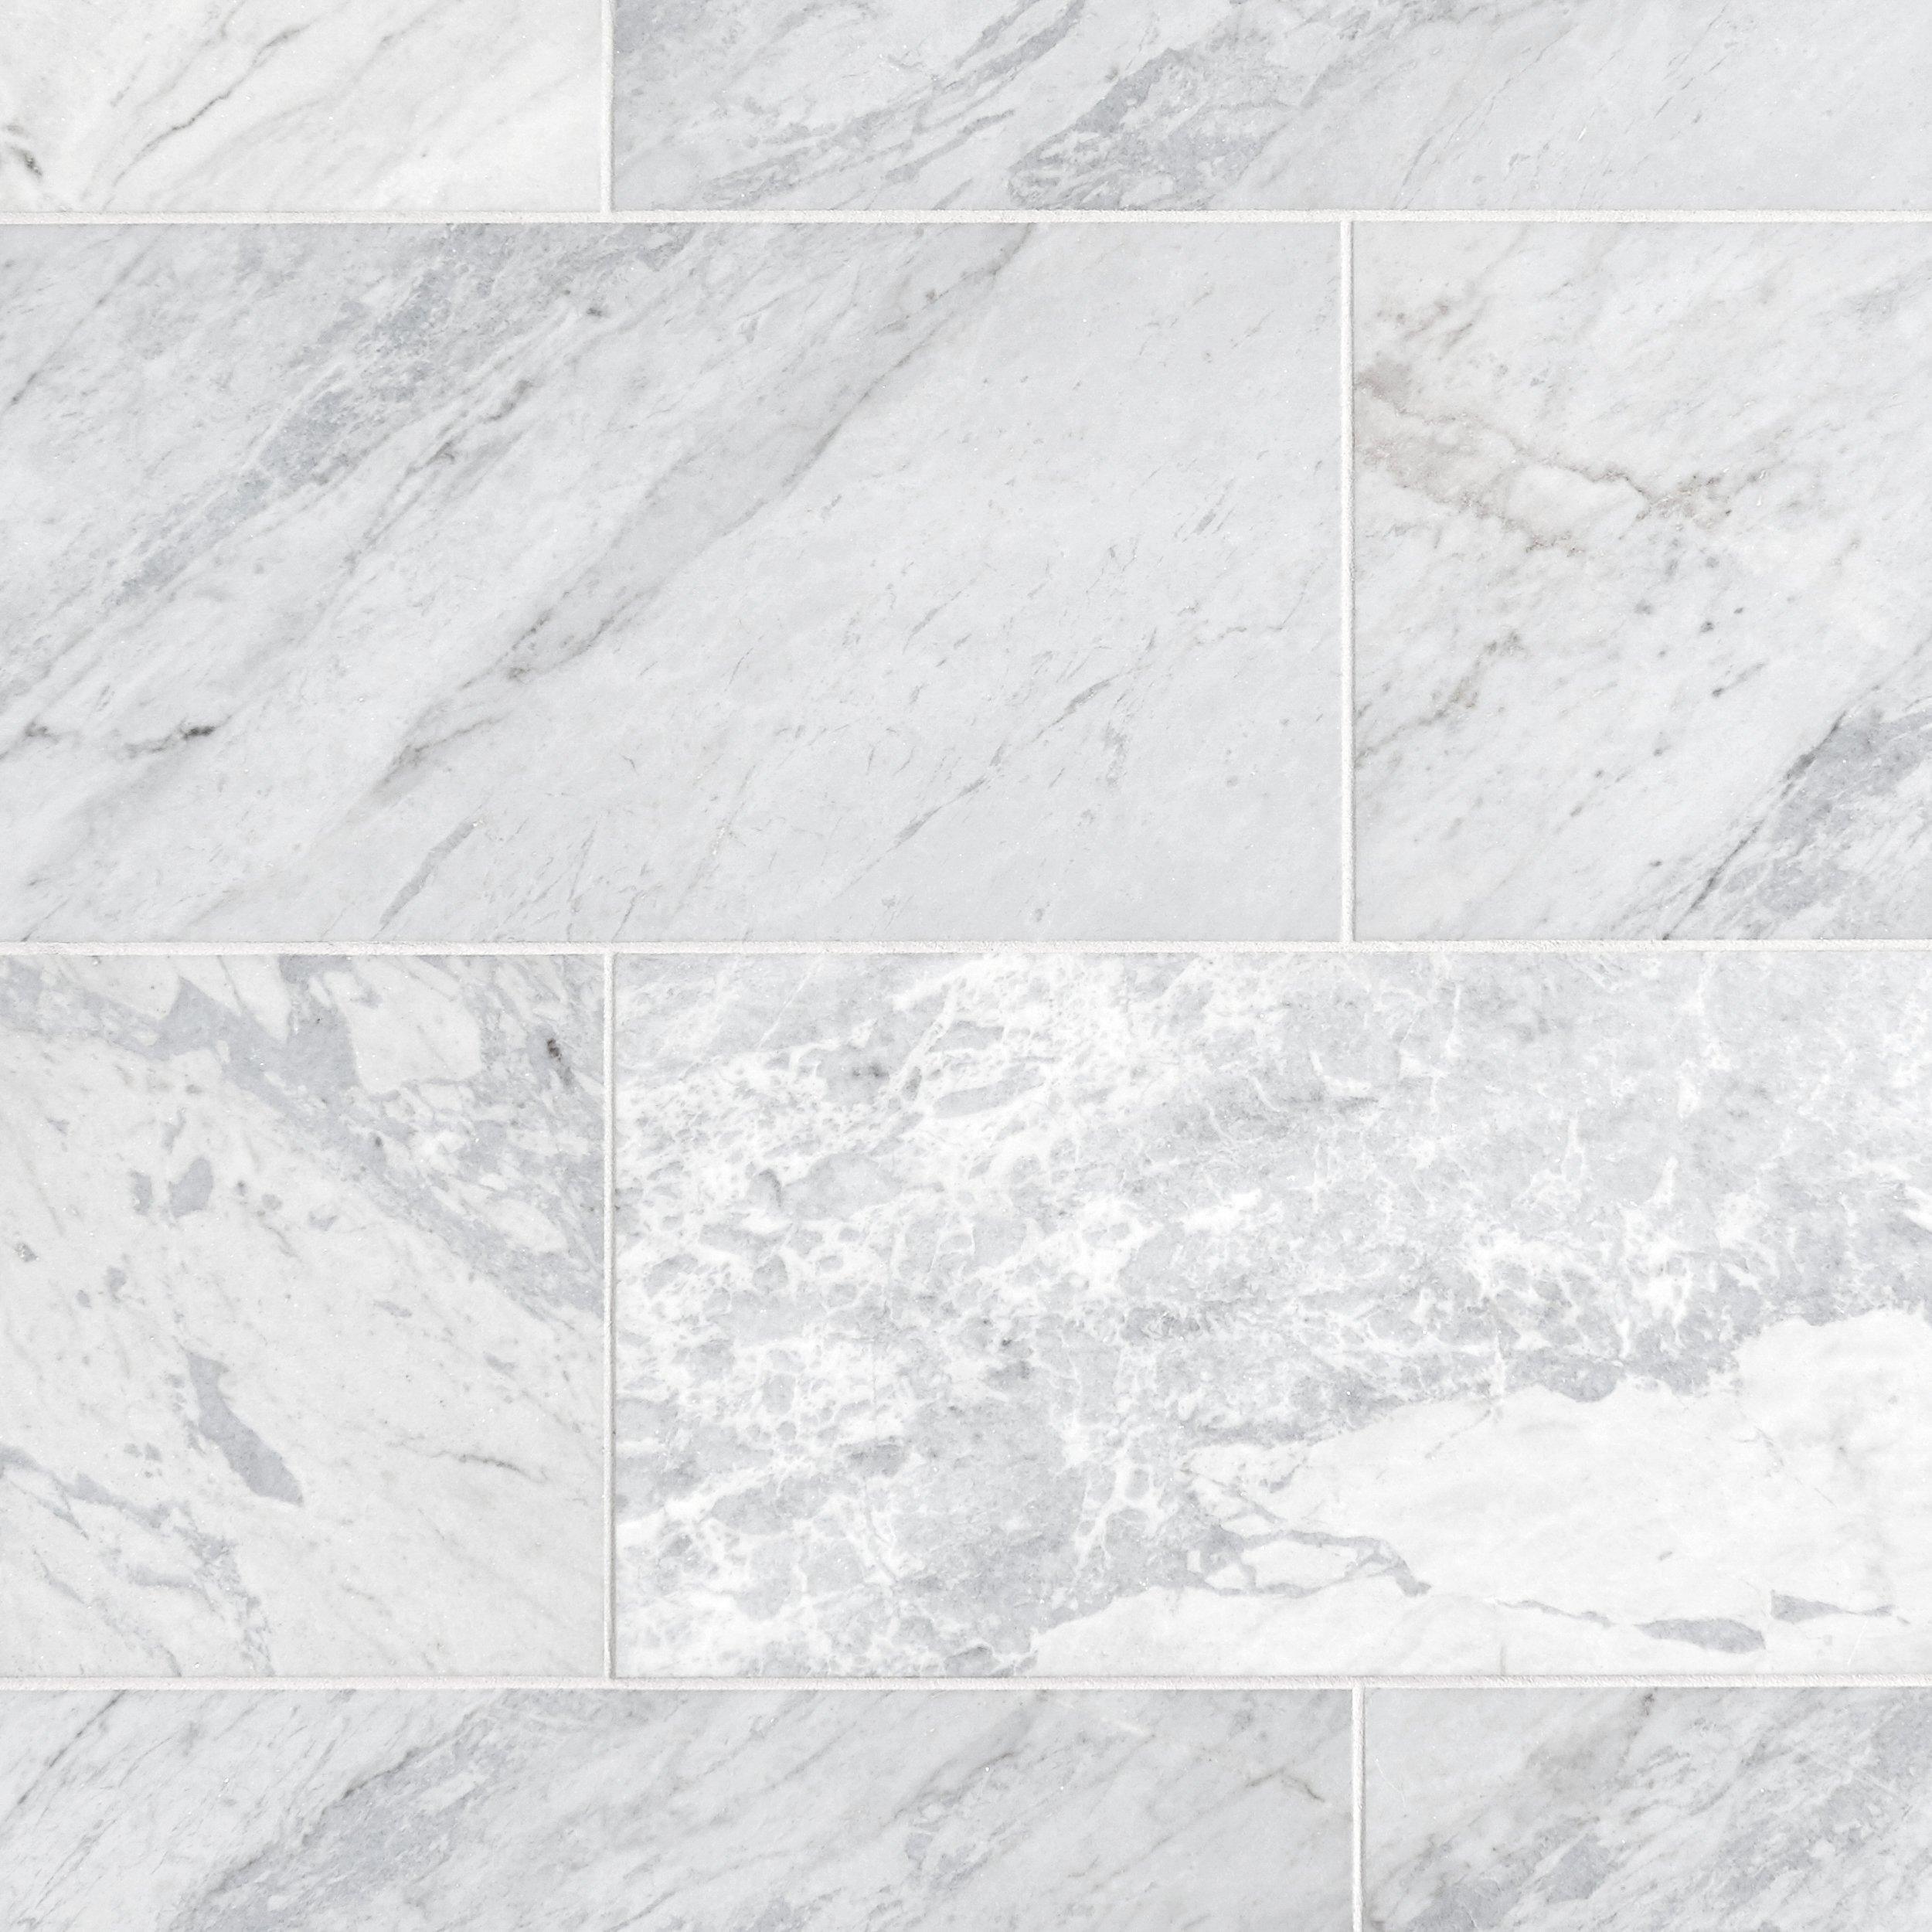 Blue Forest Polished Marble Tile Polished Marble Tiles Marble Tile Marble Tiles